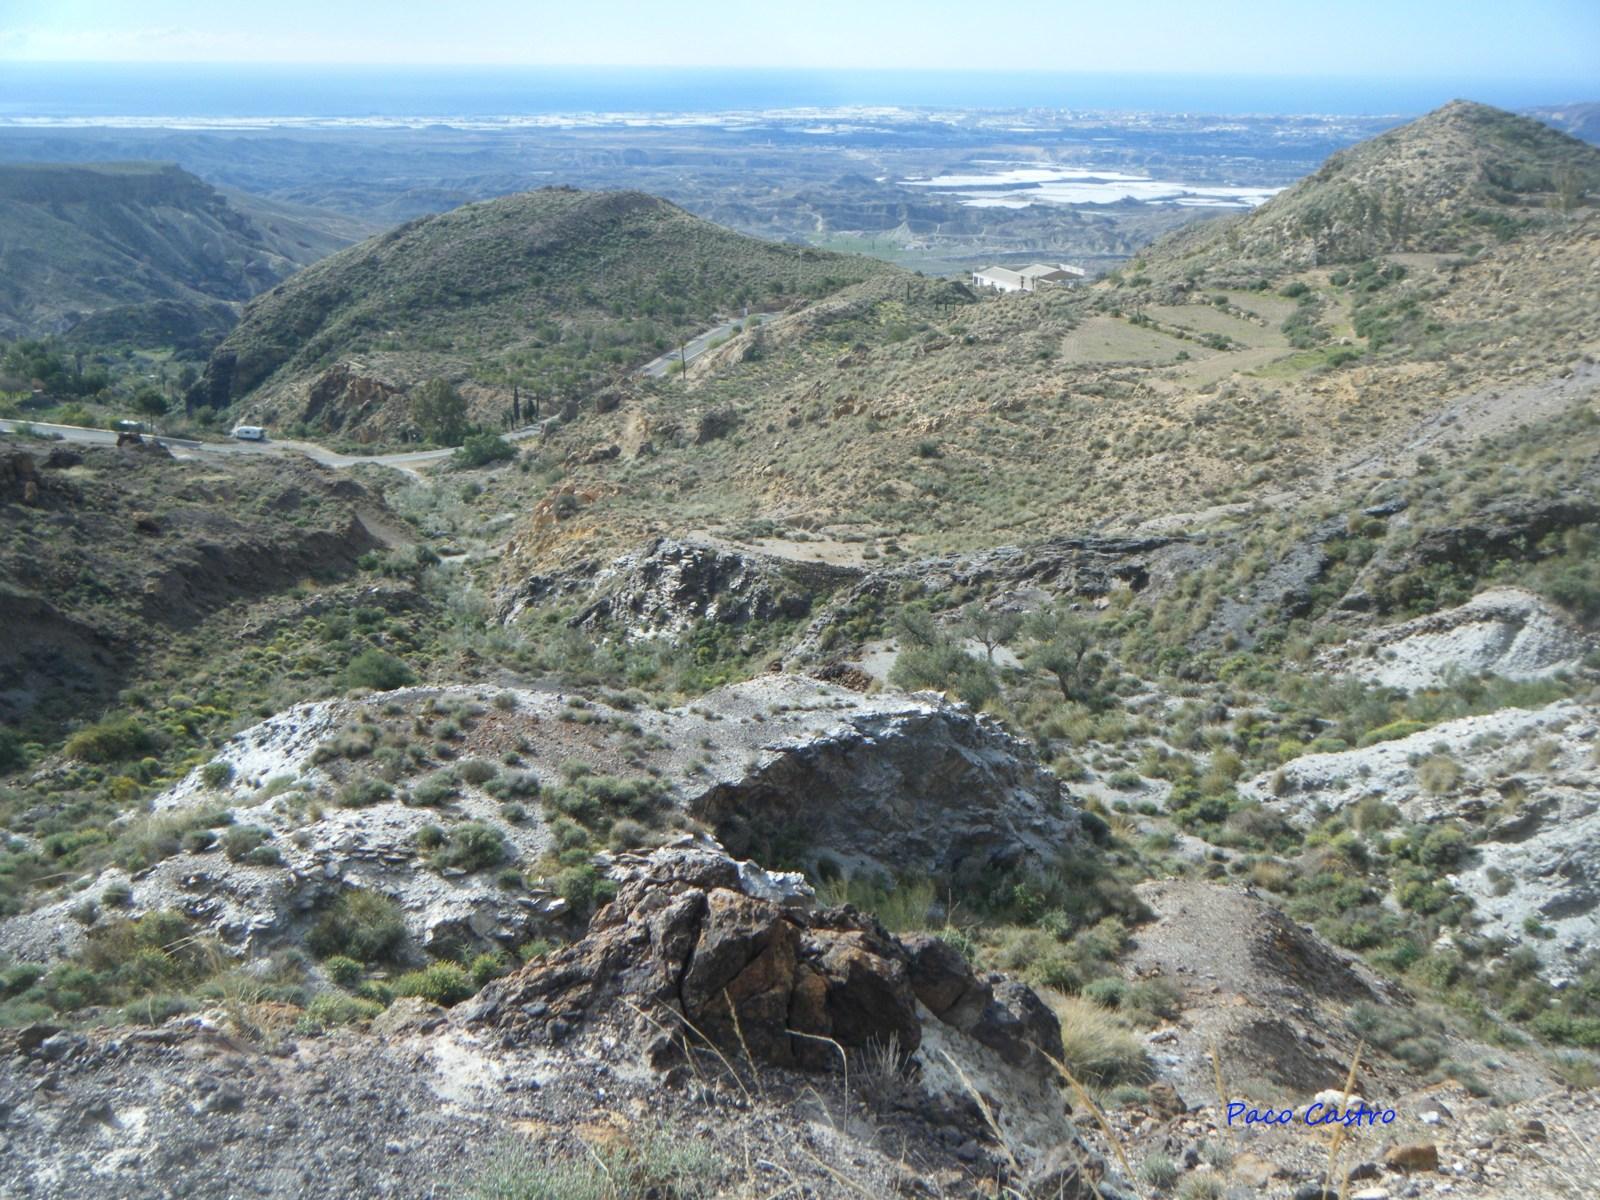 Mina Quince de Noviembre, Los Baños de Sierra Alhamilla, Pechina, Almeria, Andalucia, España Ff8mpx